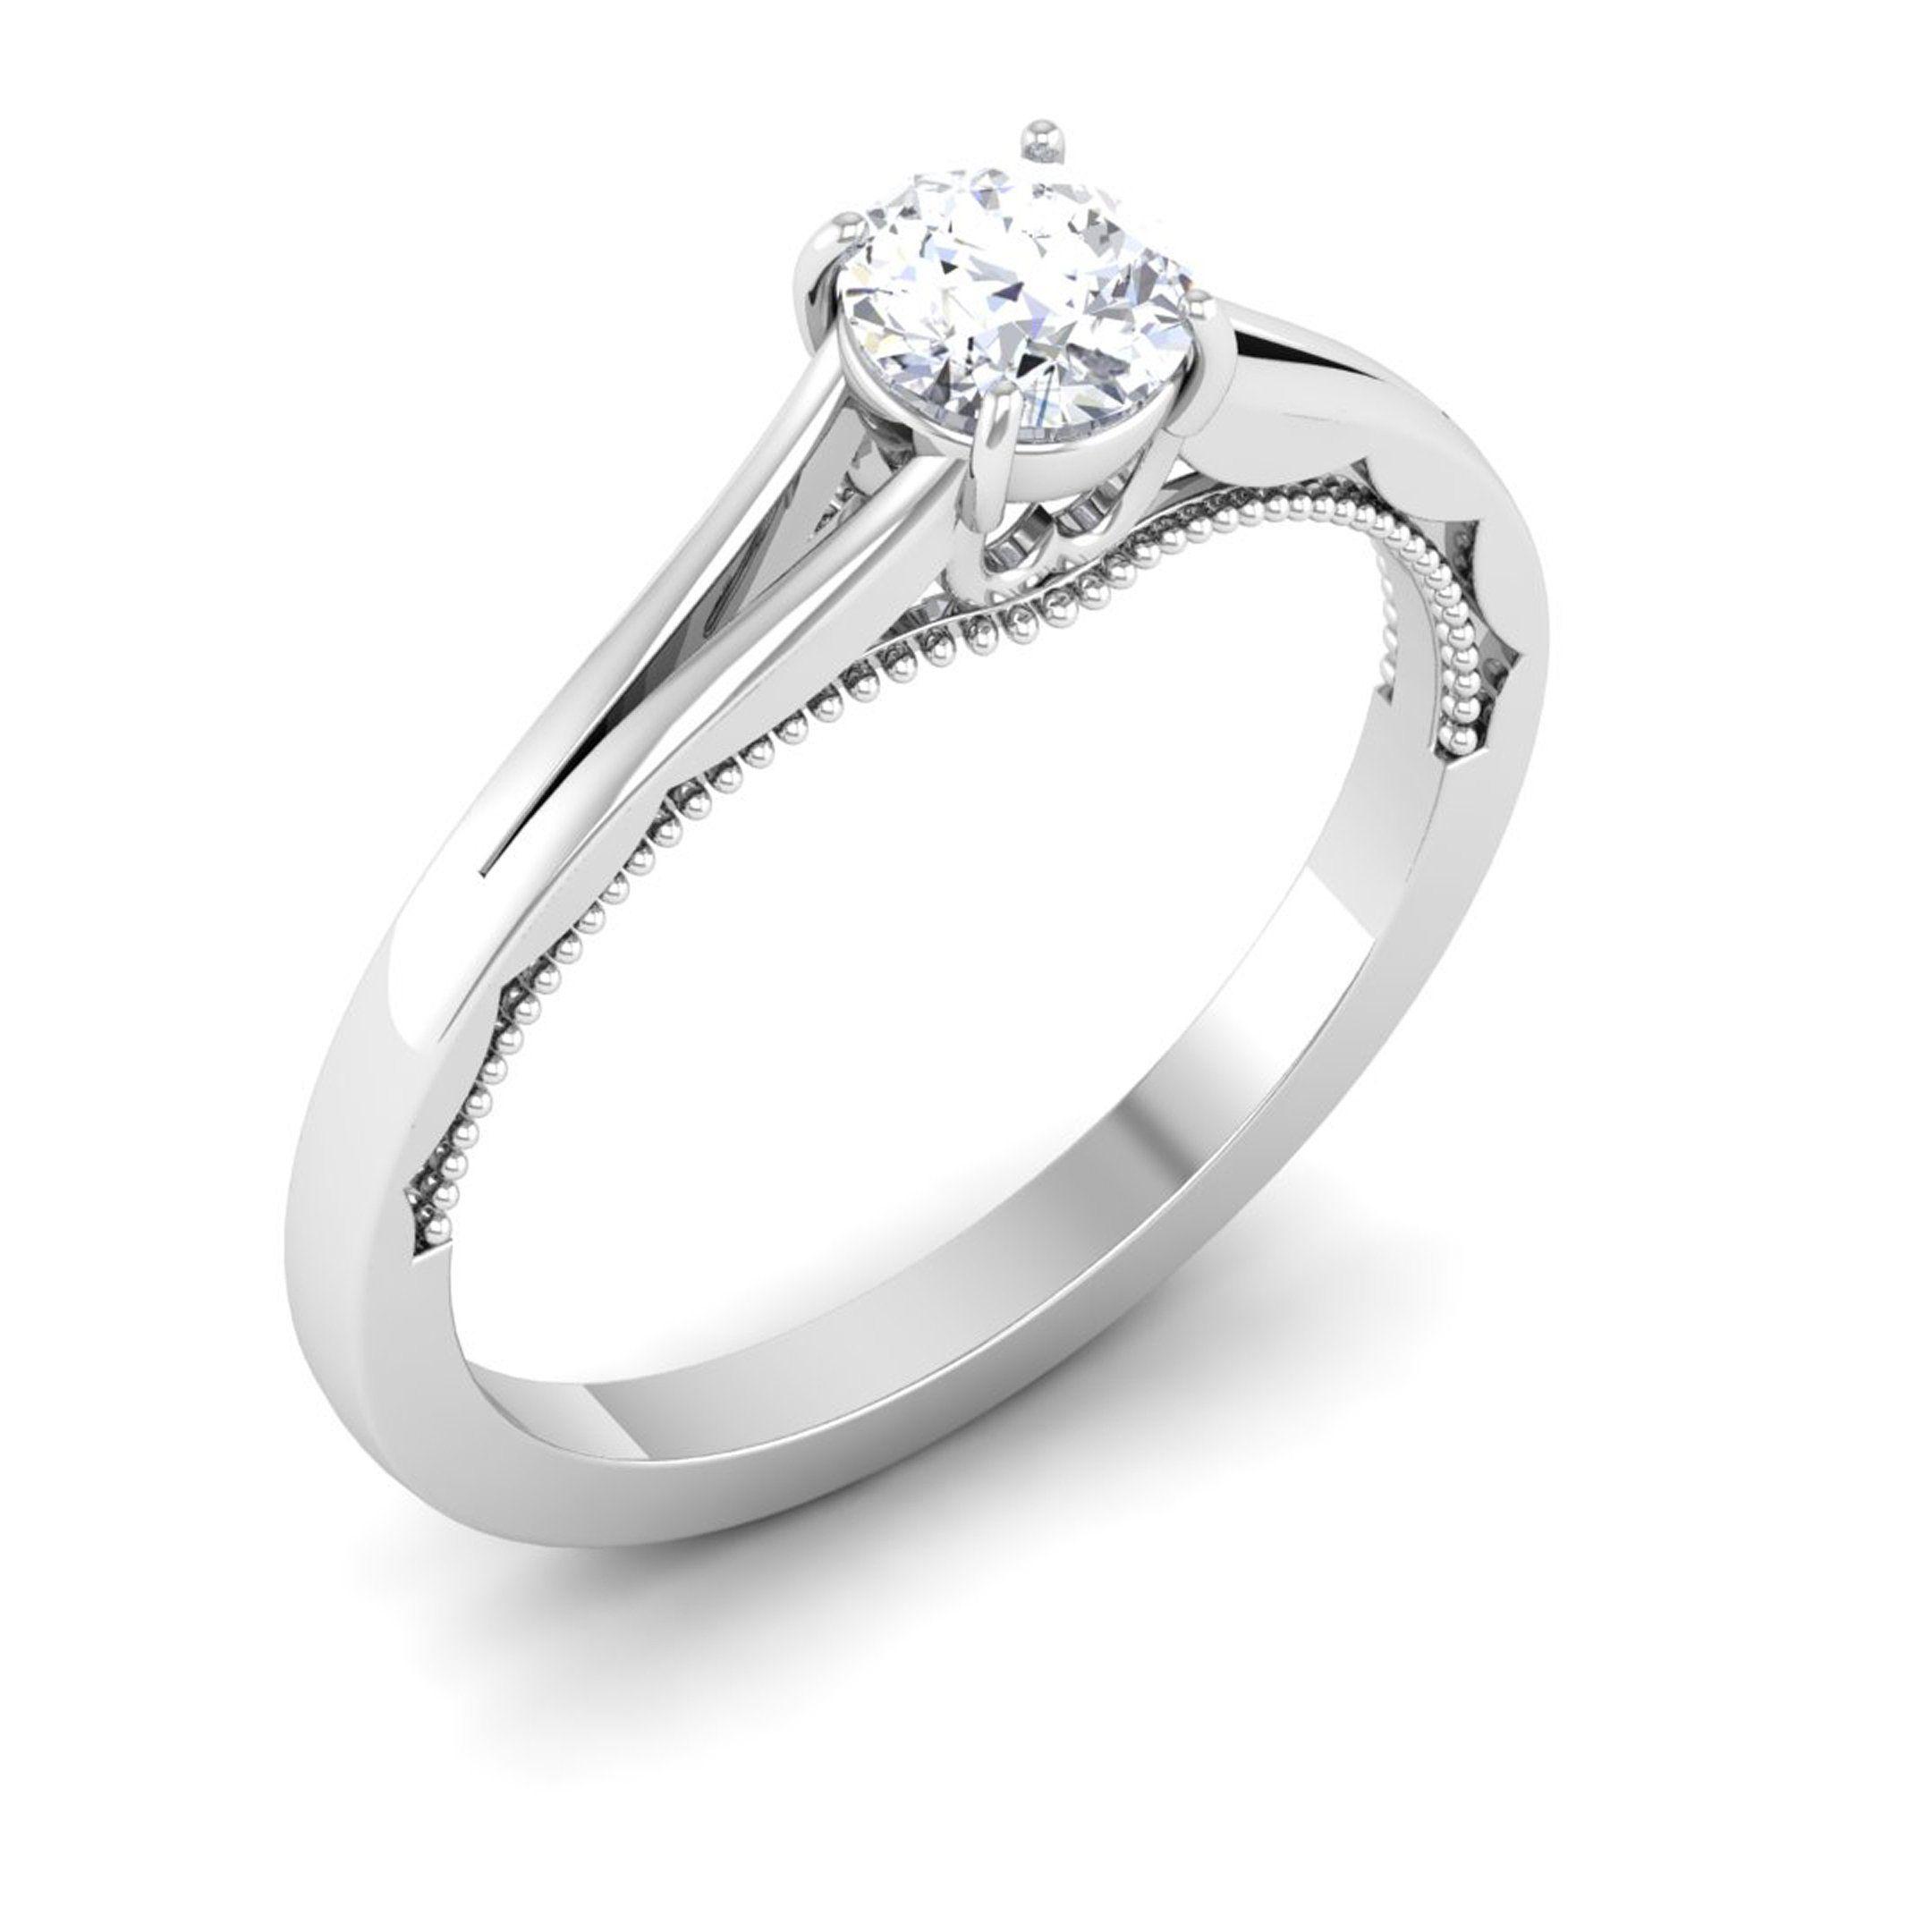 30 Pointer Split Shank Platinum Solitaire Engagement Ring For Women Jl Pt 547 Solitaire Engagement Ring Womens Engagement Rings Platinum Chain